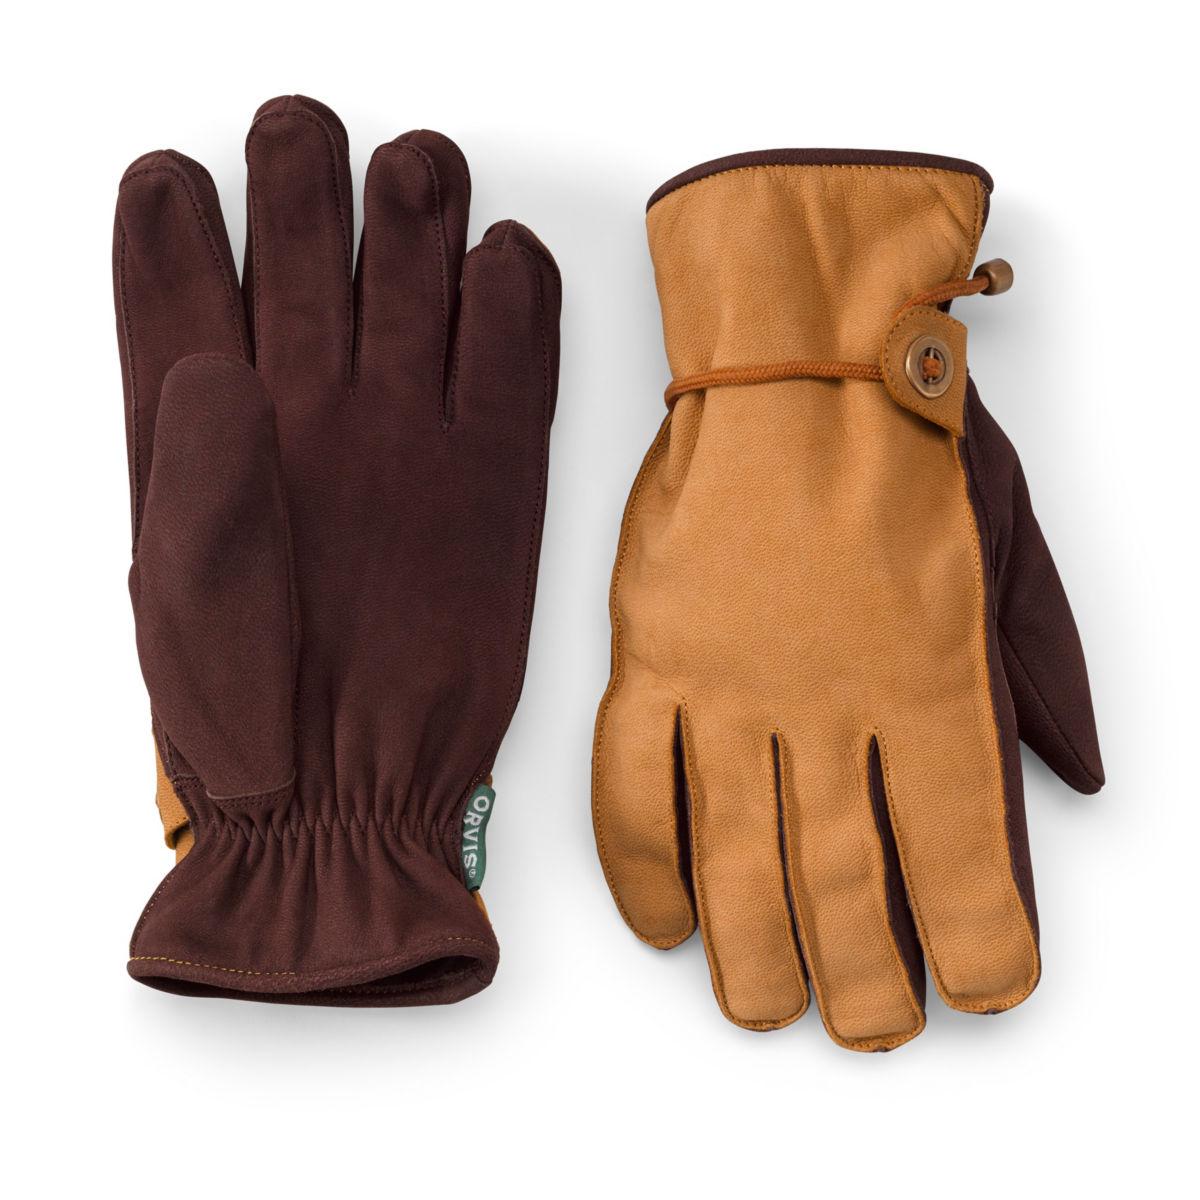 Caroga Nubuck Gloves - TANimage number 0